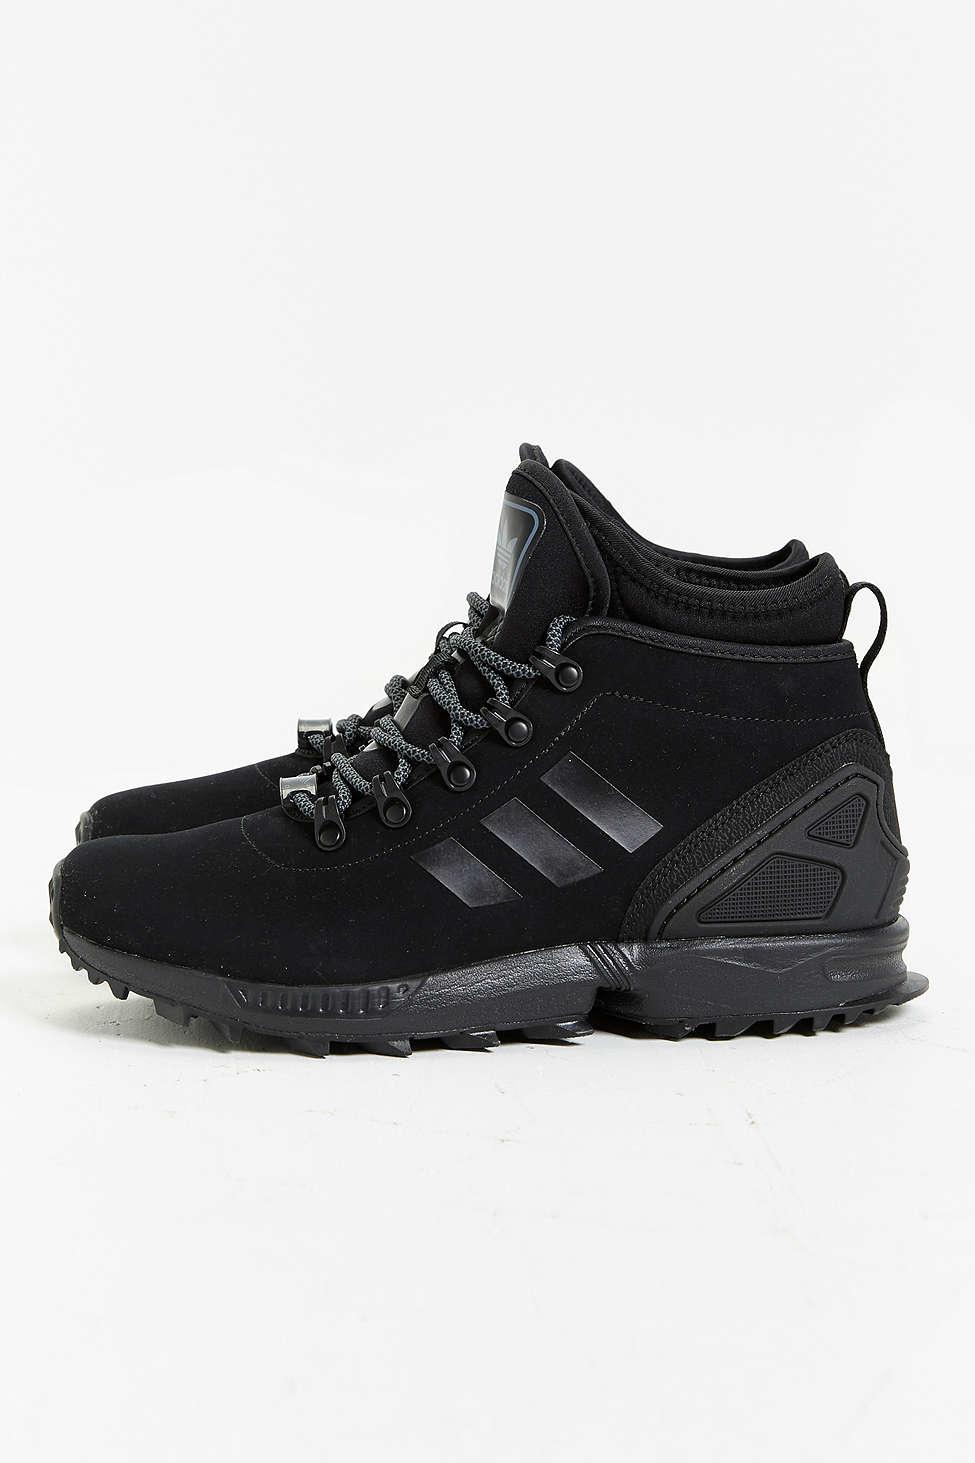 Adidas Zx Flux Nubuck Sneakerboot